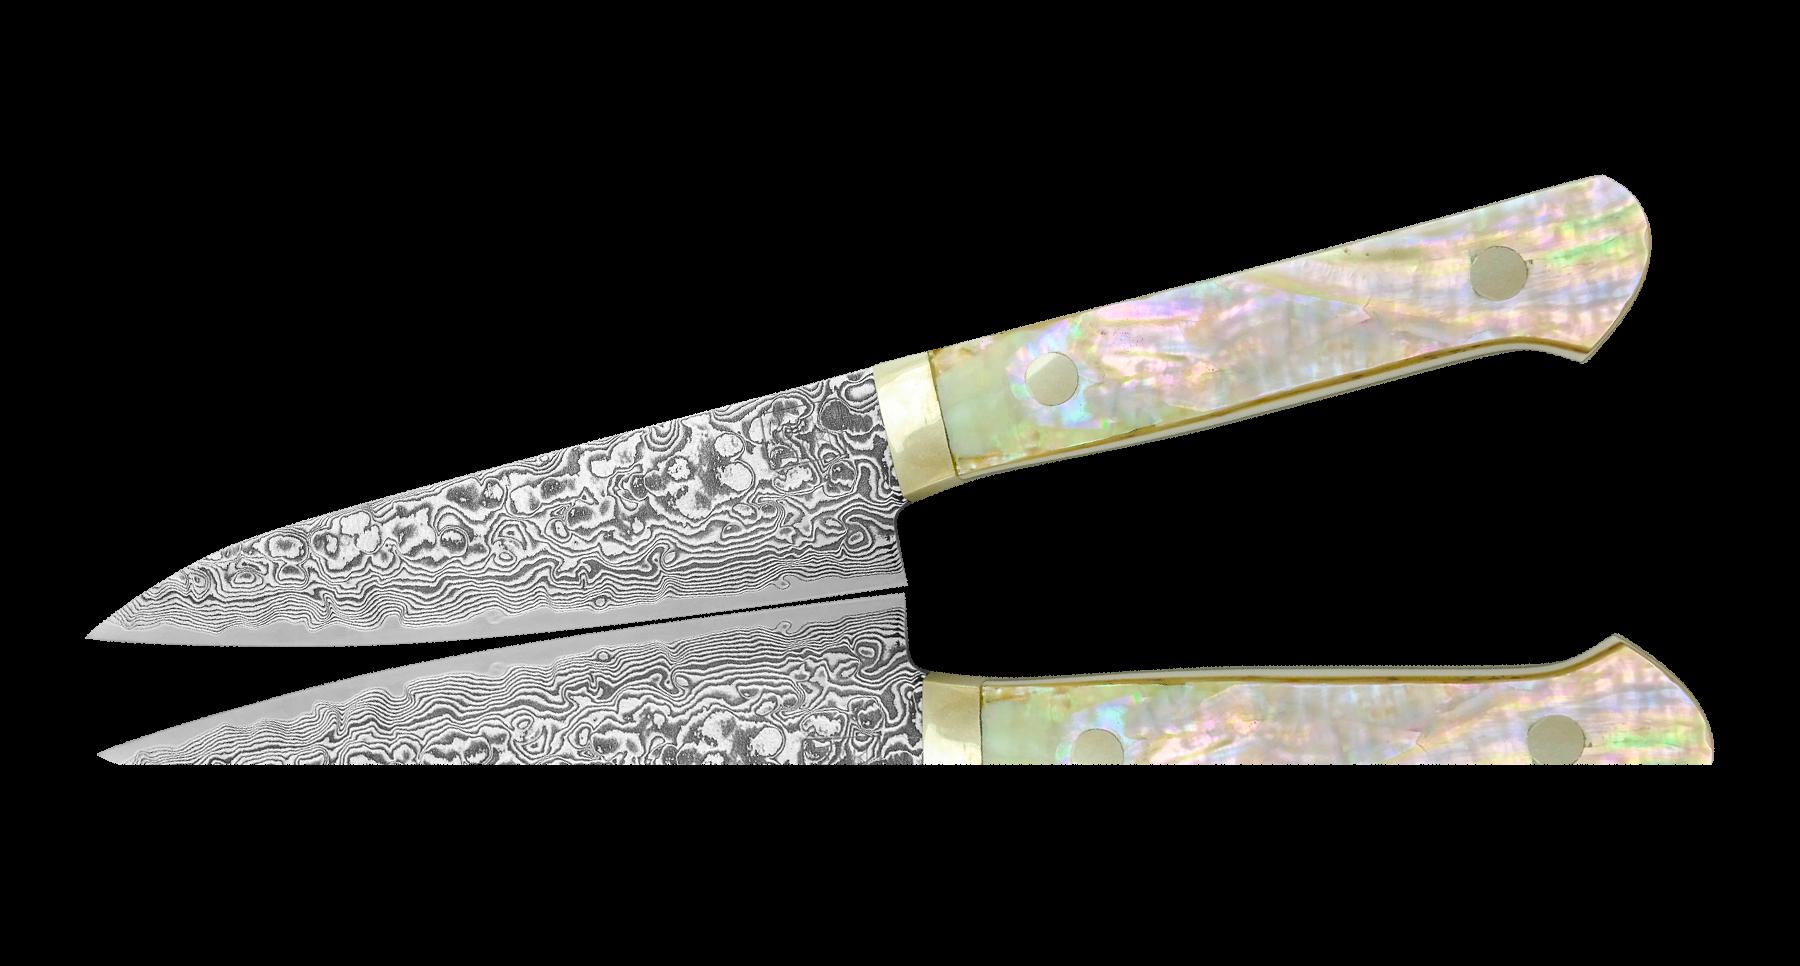 Нож универсальный 120мм, сталь R-2 в обкладках Damaskus, рукоять перламутр жемчугУниверсальные ножи<br>Нож универсальный 120мм, сталь R-2 в обкладках Damaskus, рукоять перламутр жемчуг<br>